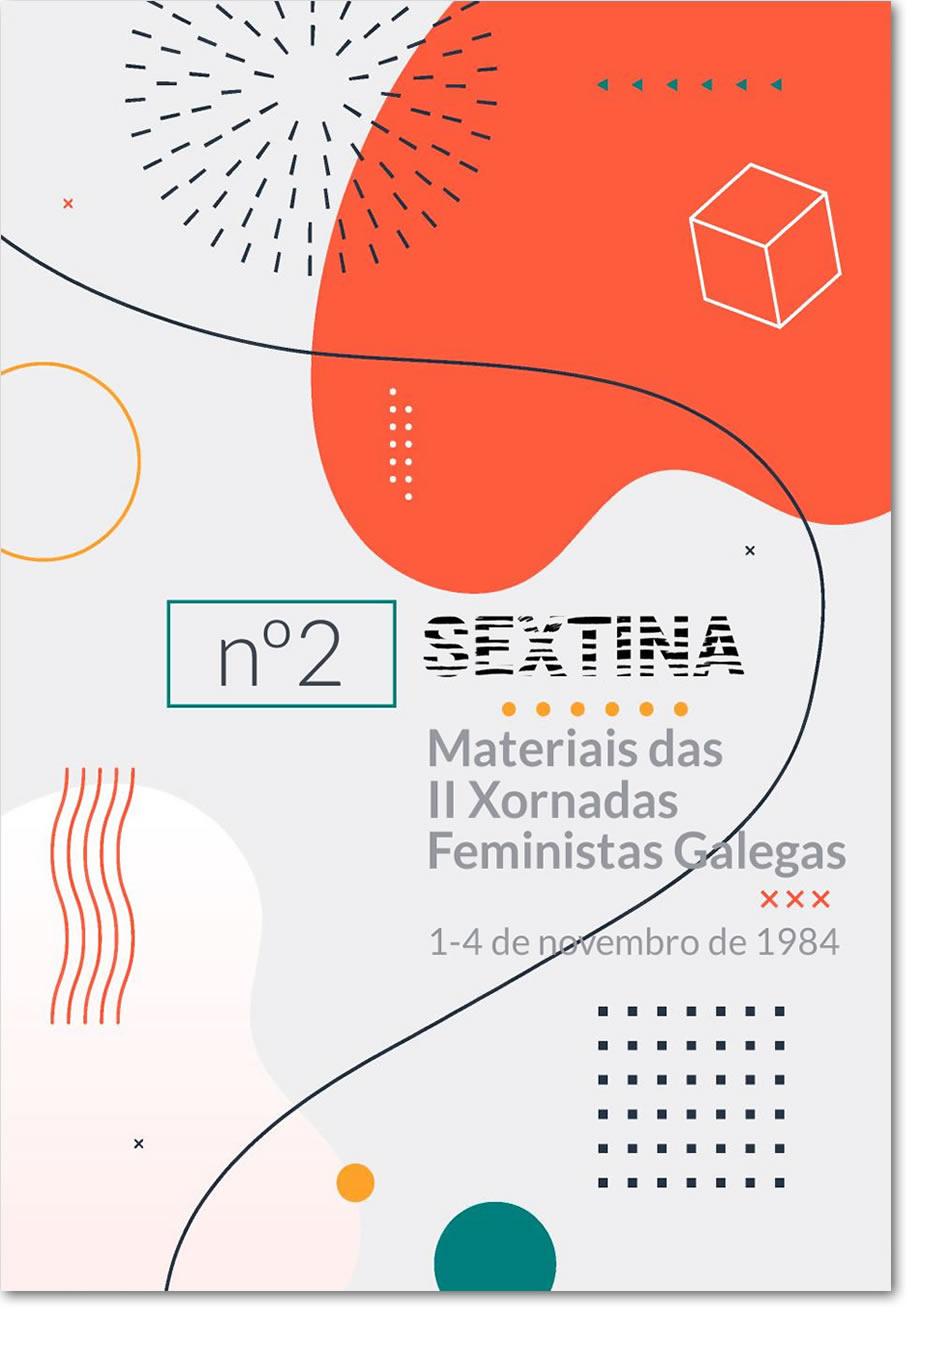 Portada de  Materiais das II Xornadas Feministas Galegas, 1-4 de novembro de 1984